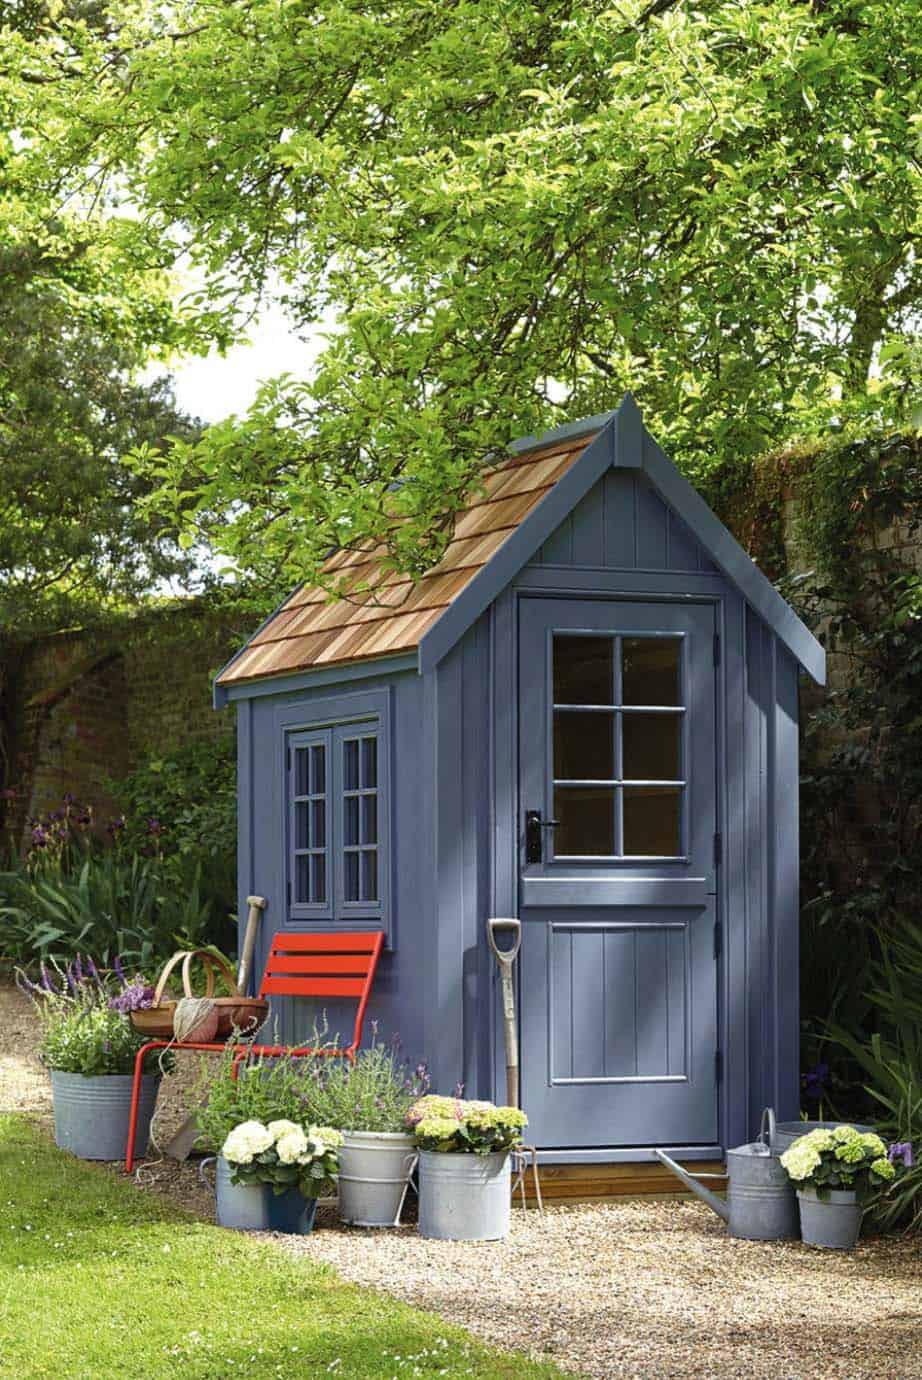 garden shed ideas 08 1 kindesign - Garden Shed Plans